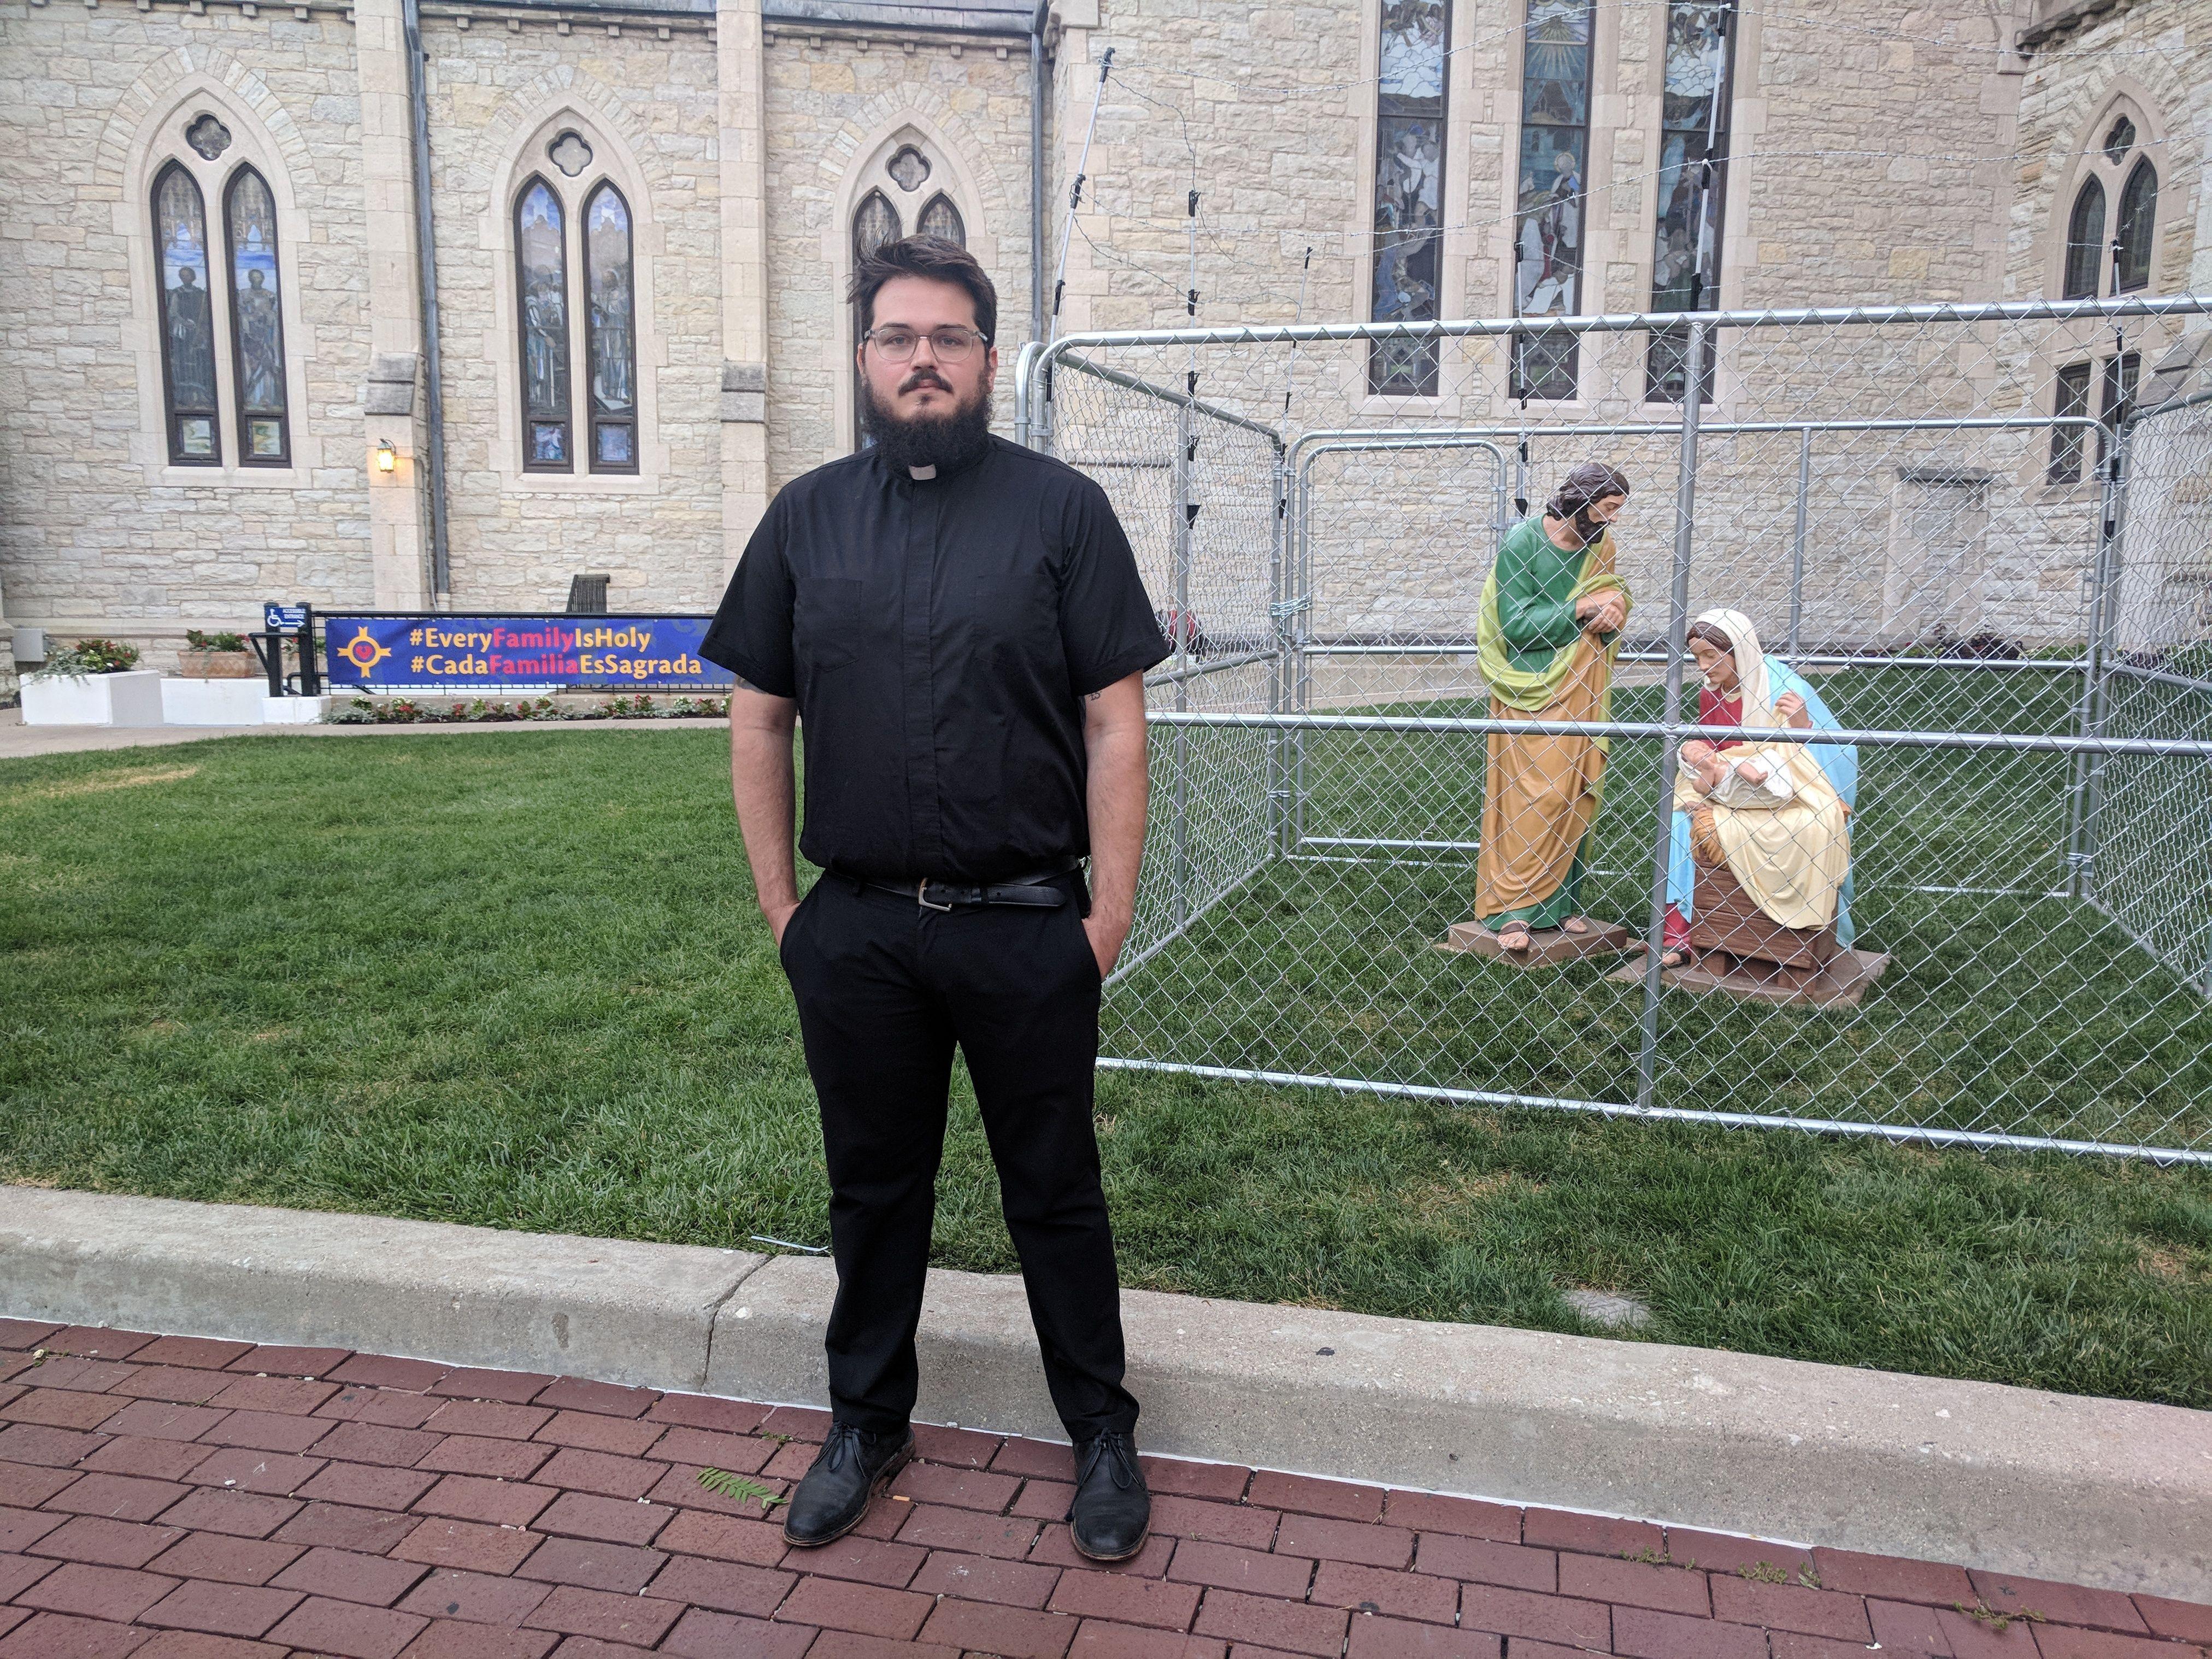 El sacerdote Lee Curtis y la instalación '#EveryFamilyIsHoly' ('Cada familia es